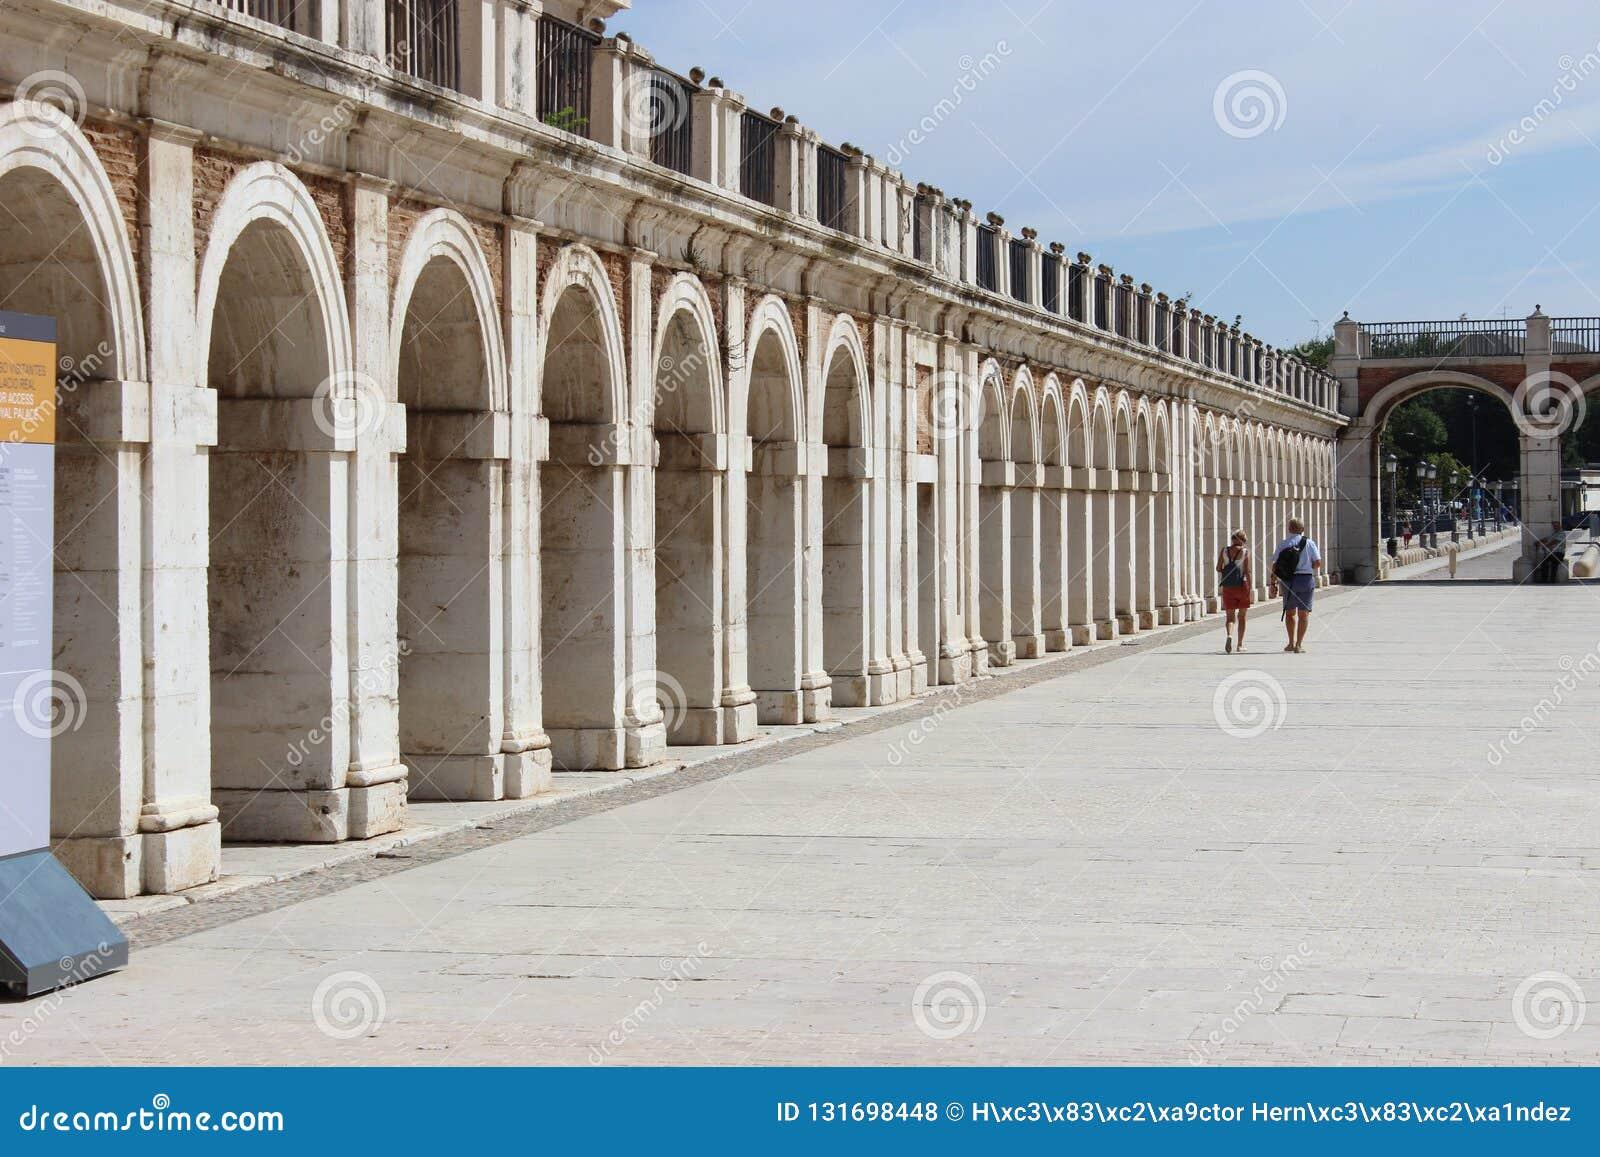 Arcos de pedra em Aranjuez, Espanha